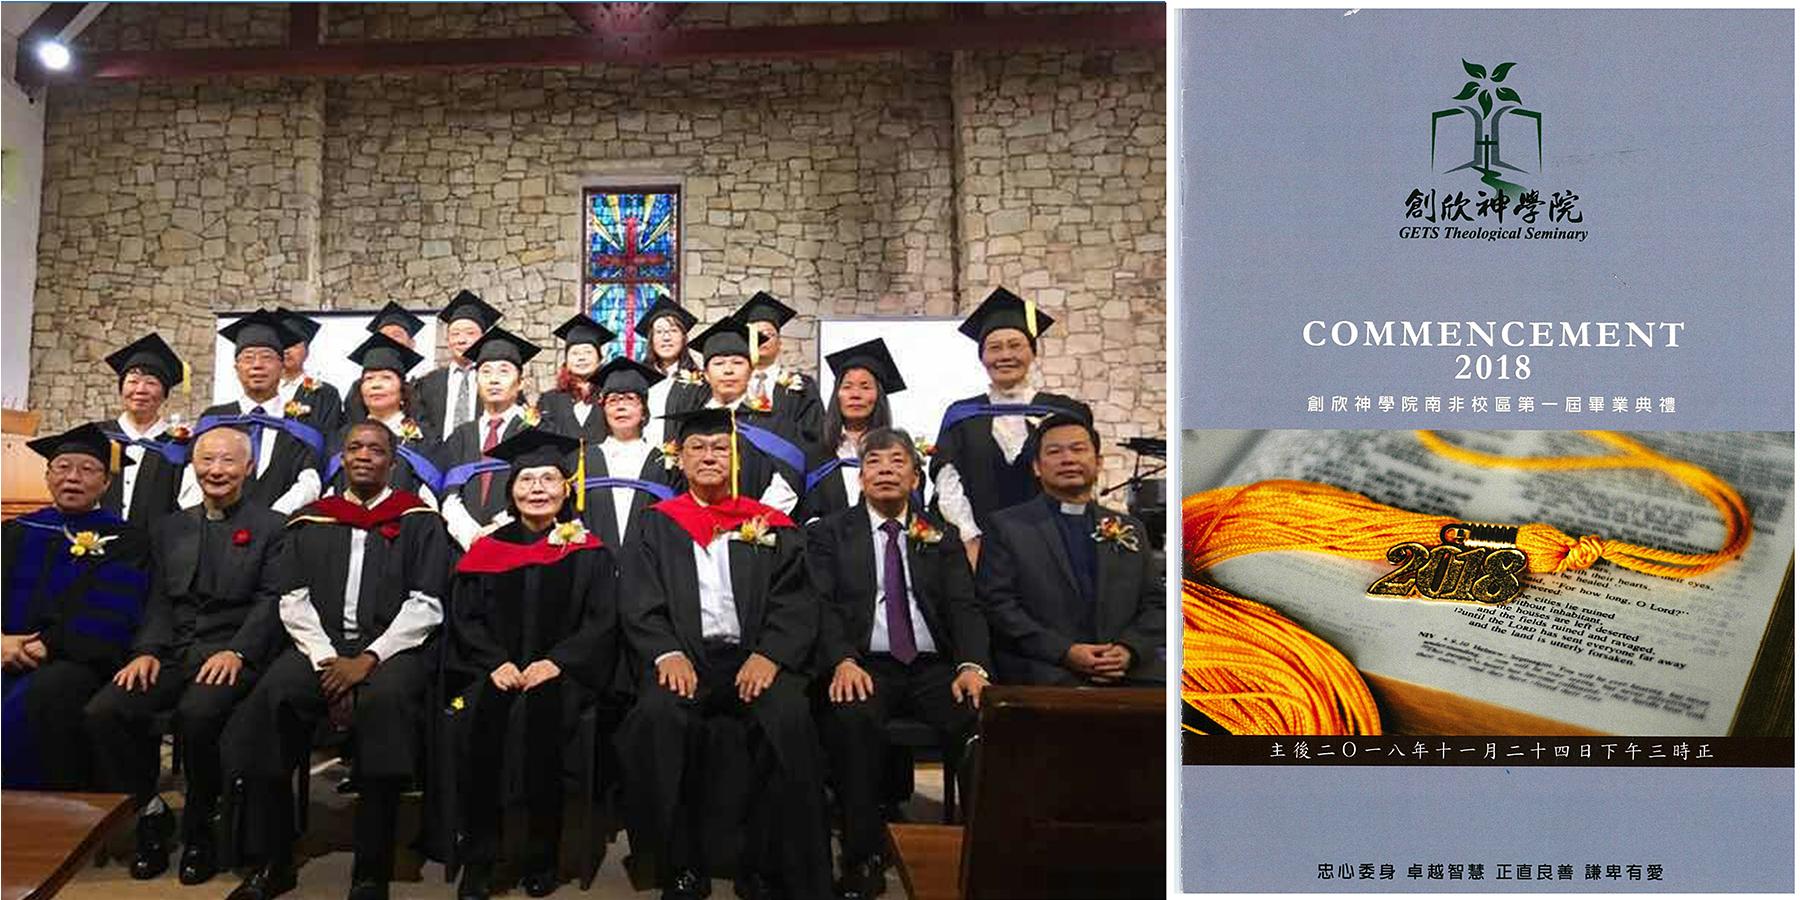 (众牧者与毕业生合影:前排左二为段忠义牧师,右一为谢必胜牧师,右三为林厚彰博士,中间为潘蒙爱副院长。)